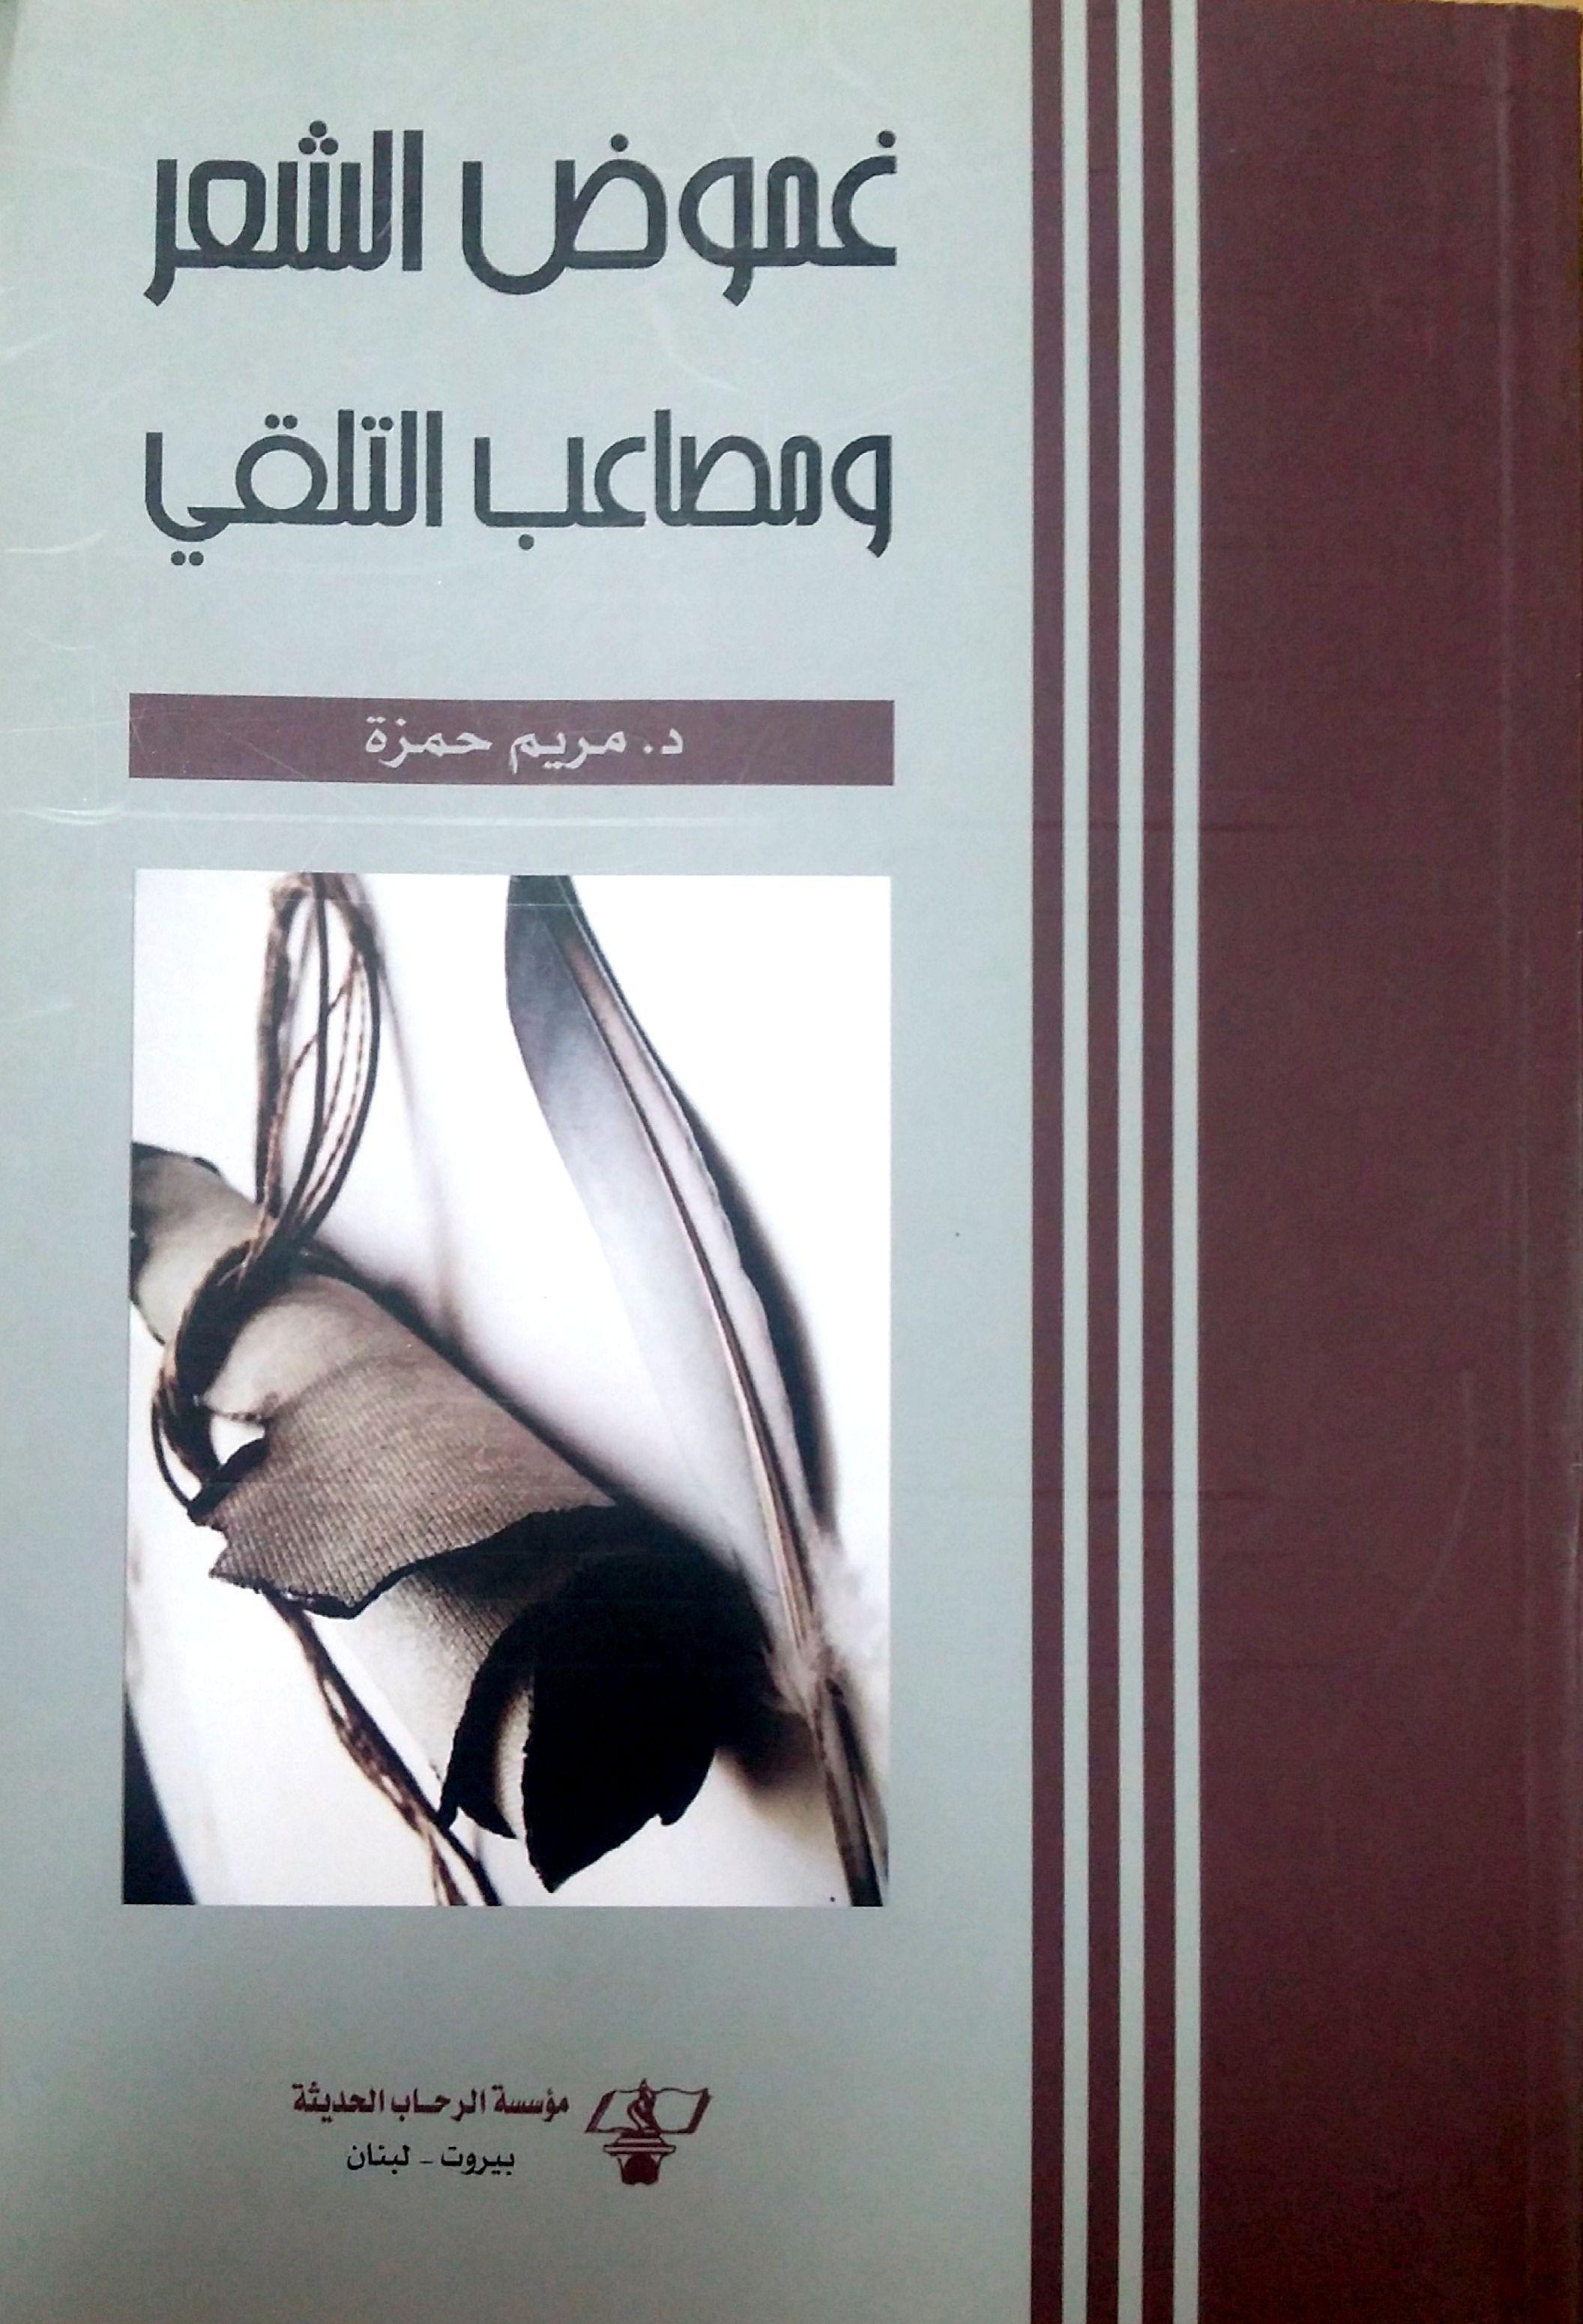 غموض الشعر ومصاعب التلقي  by  د. مريم حمزة